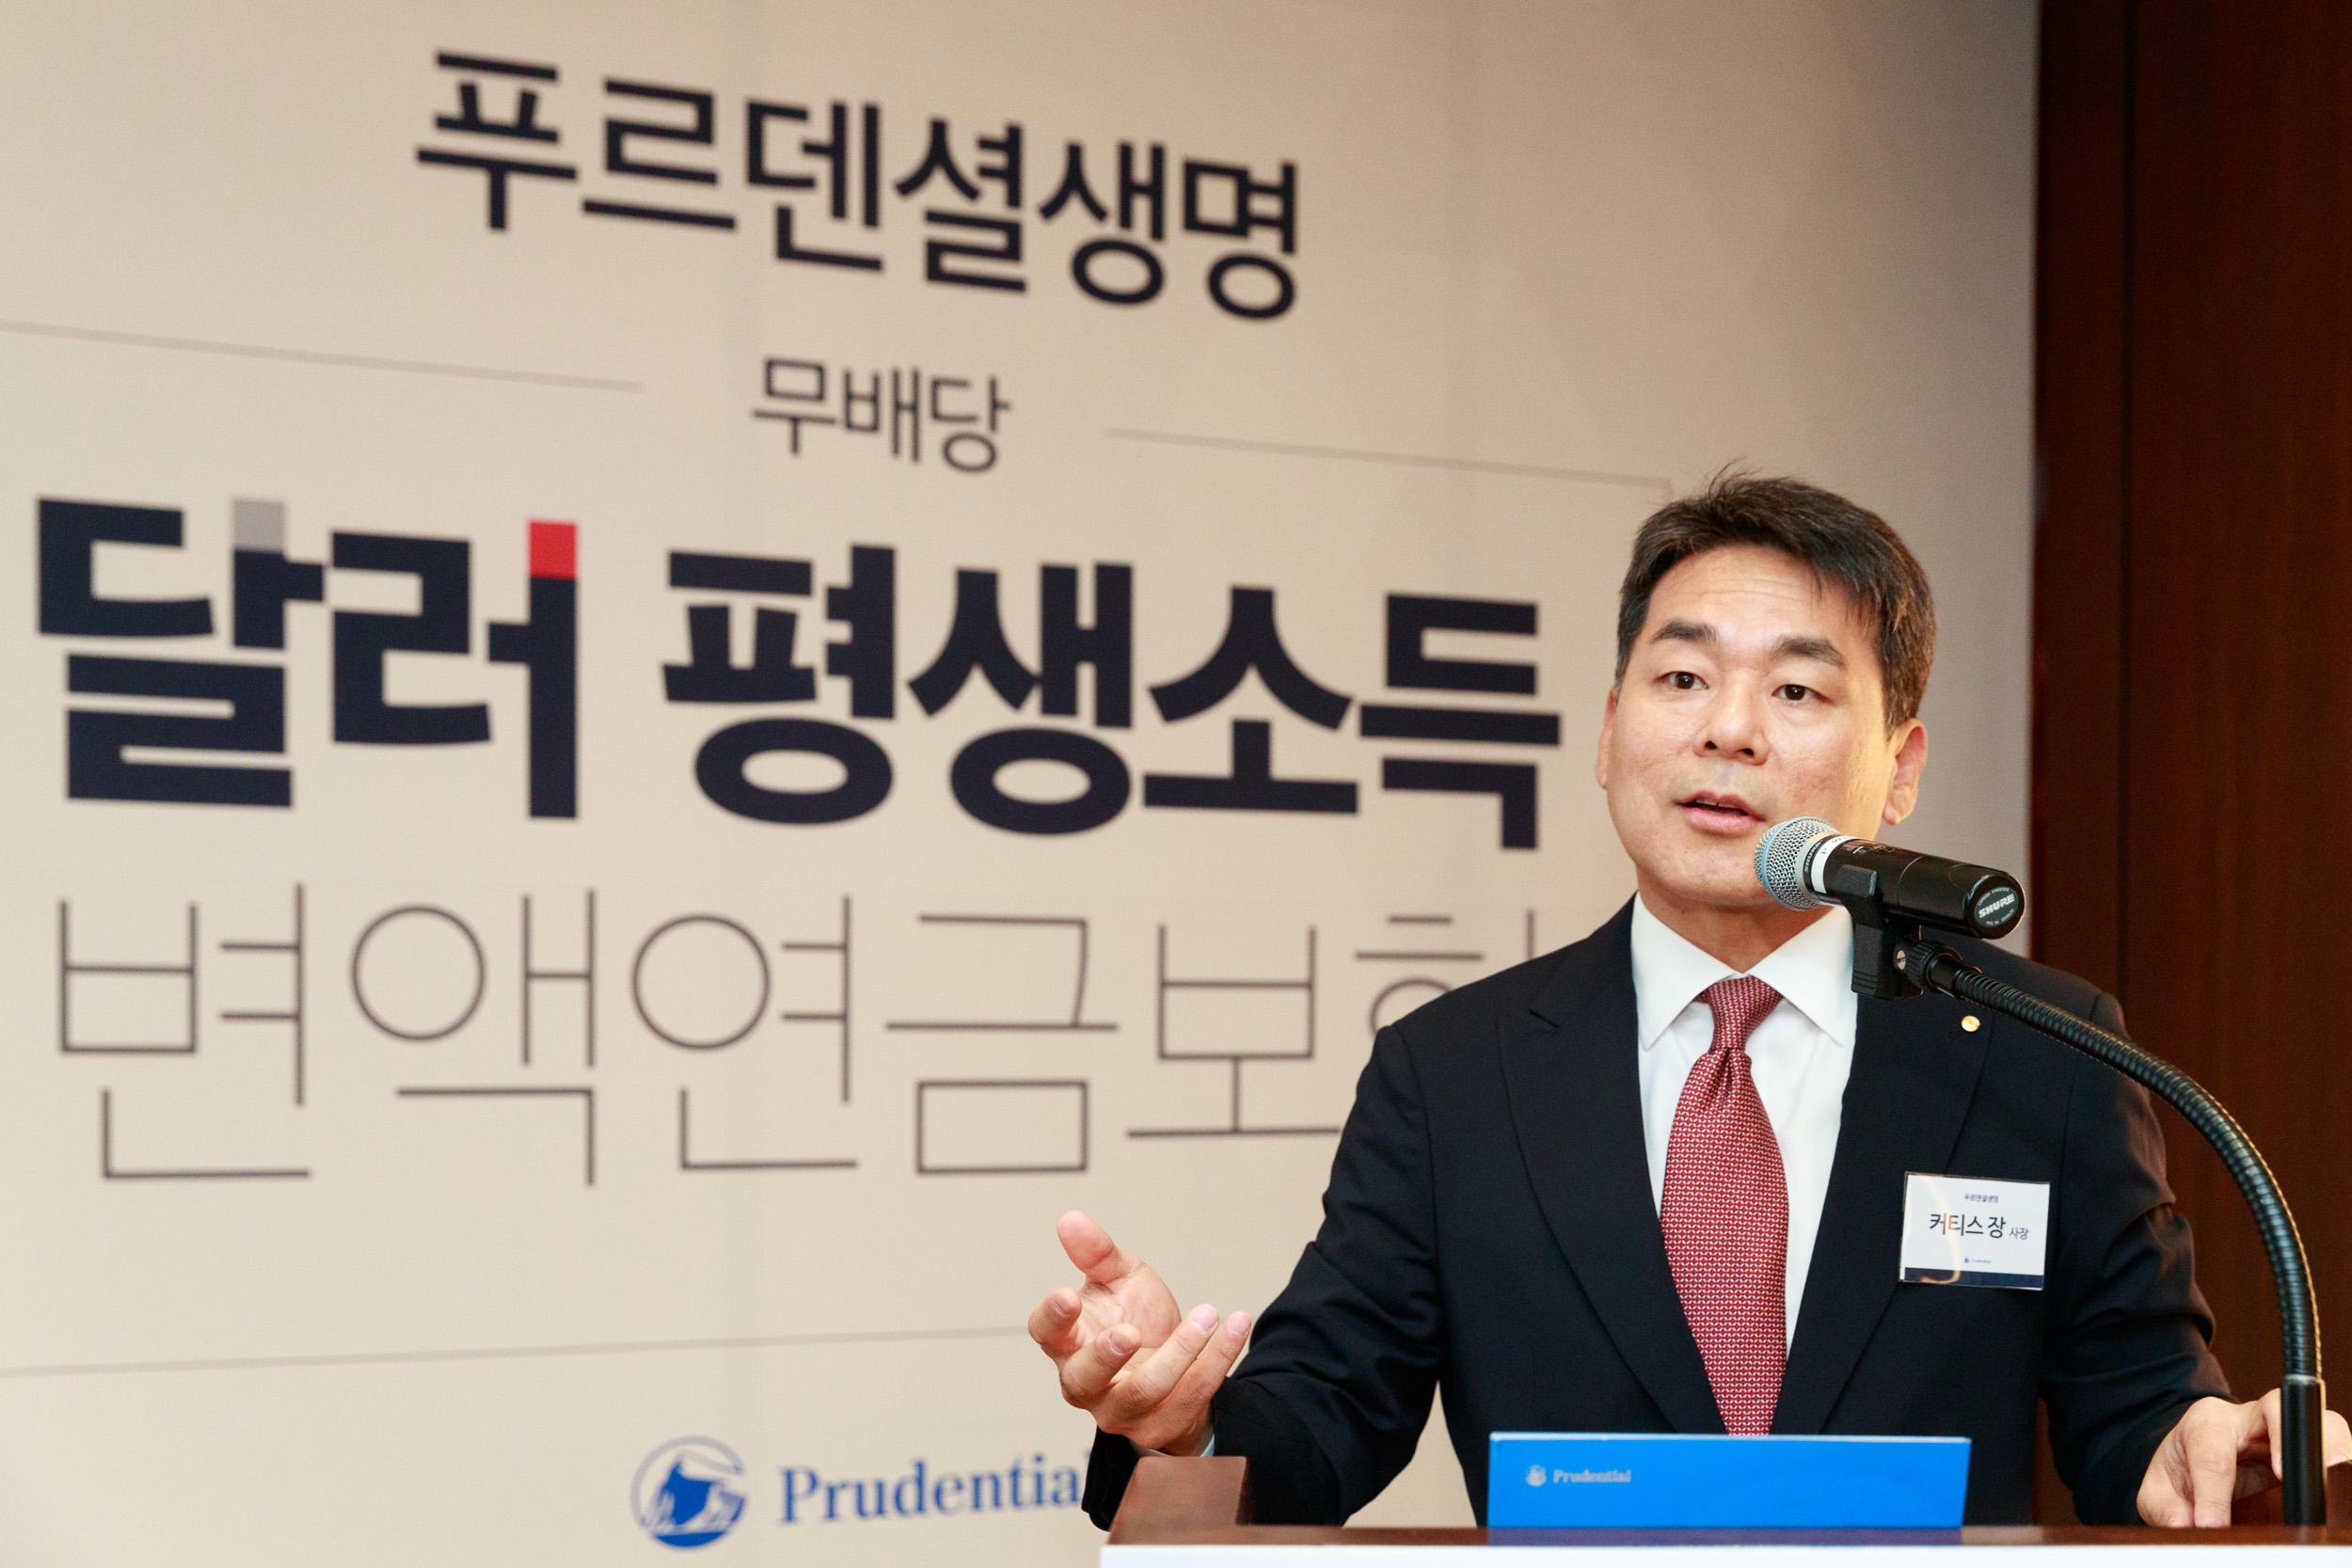 [보도사진] 푸르덴셜생명, '달러 평생소득 변액연금보험' 출시 (1).jpg